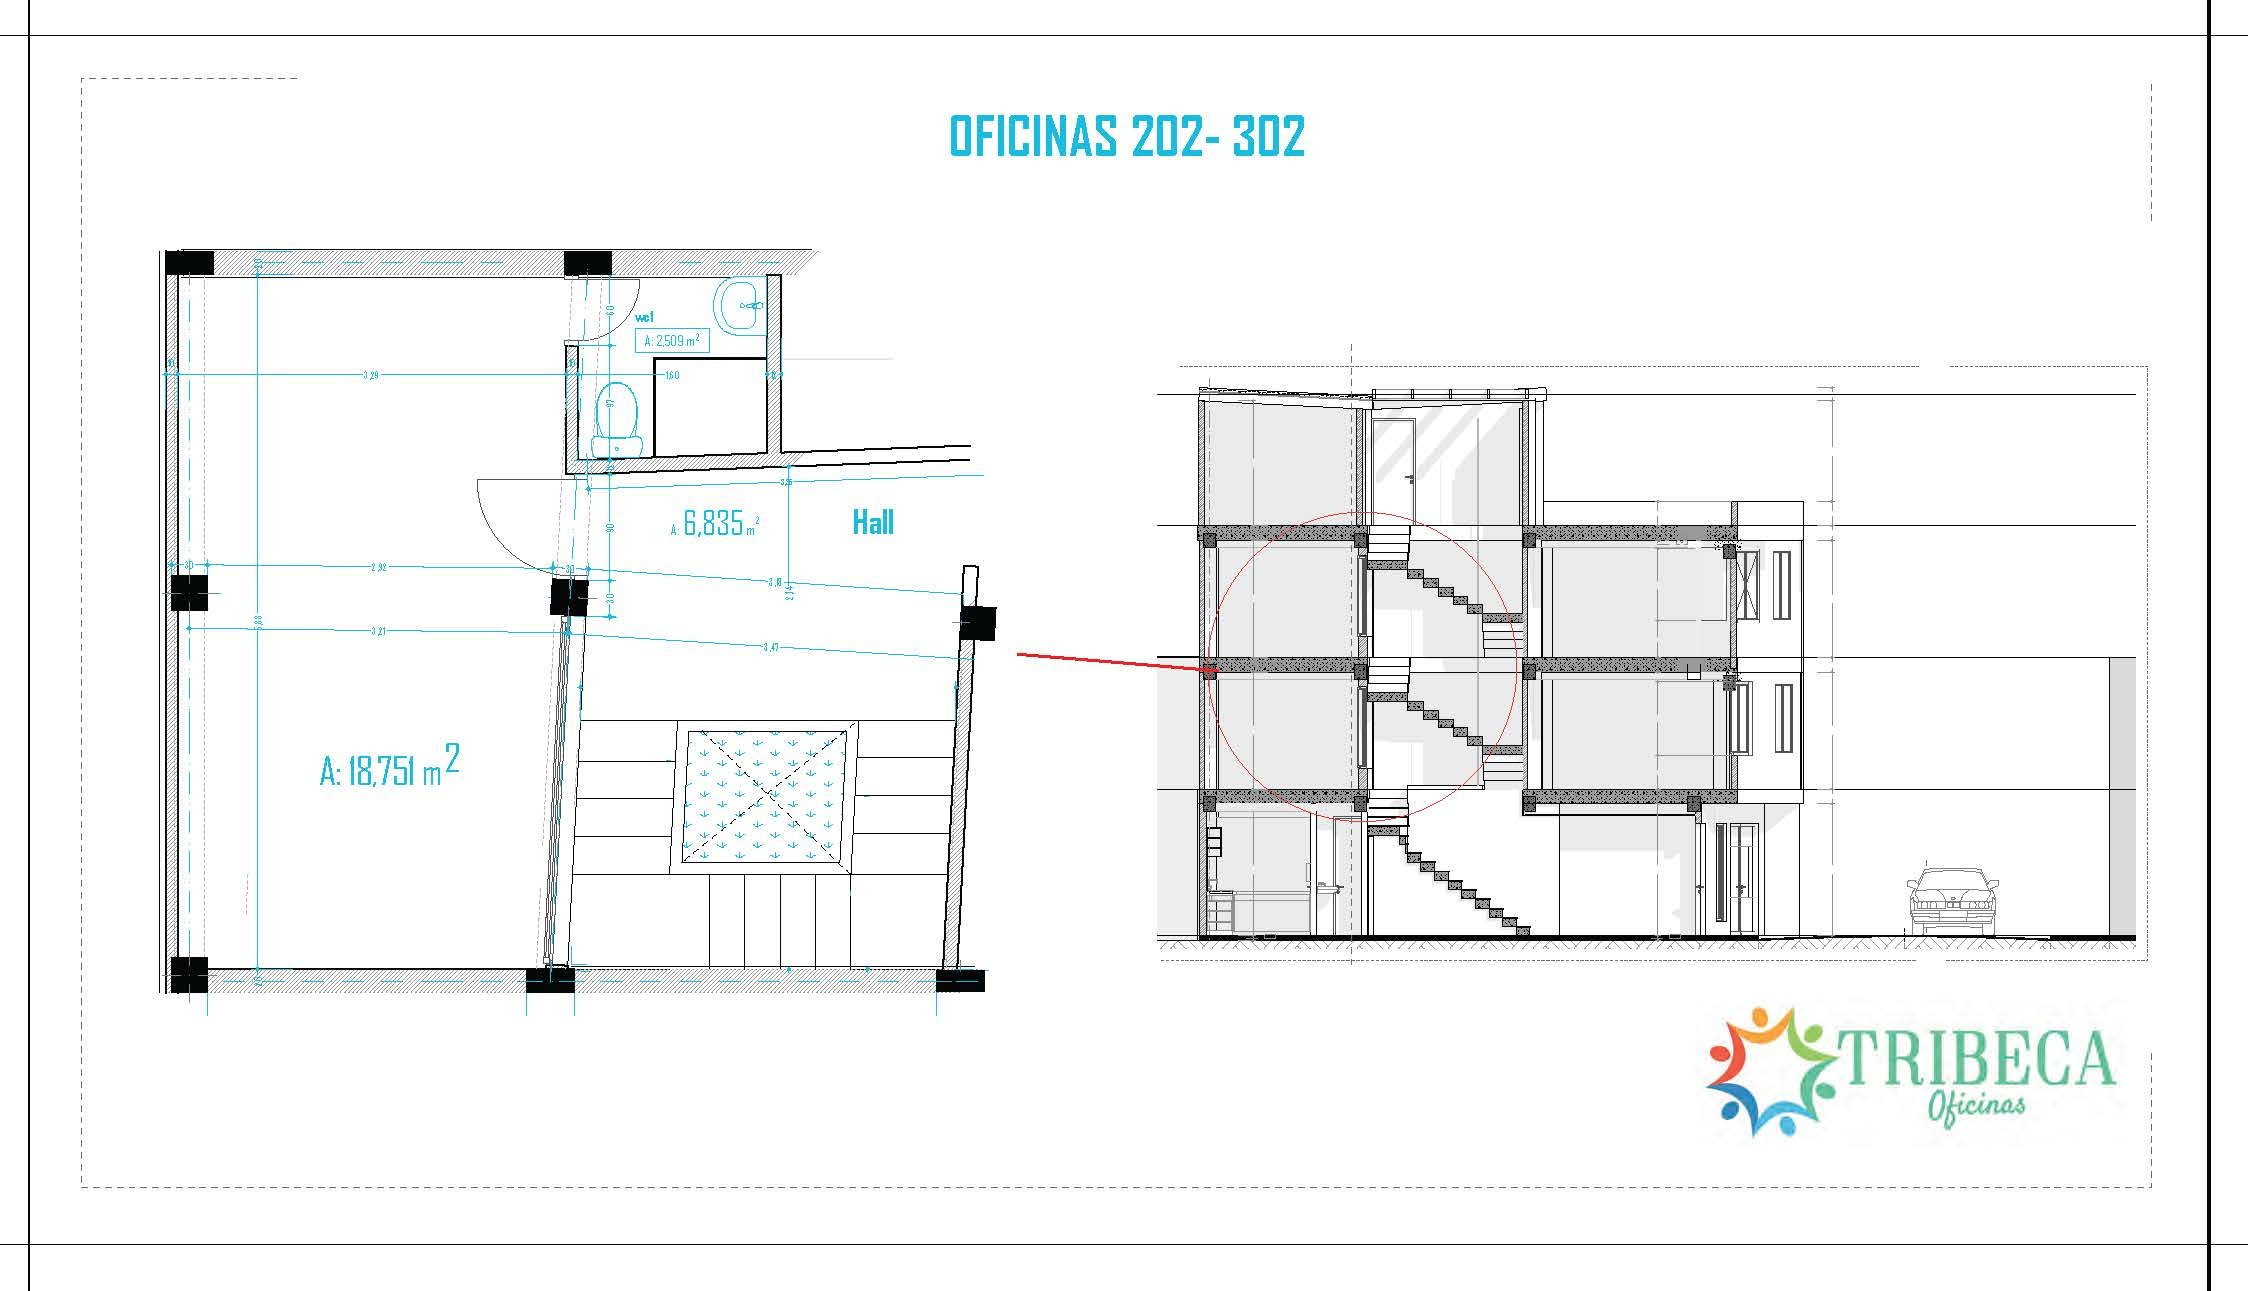 https://0201.nccdn.net/1_2/000/000/09e/df0/plano-oficinas-202-302-2248x1291.jpg